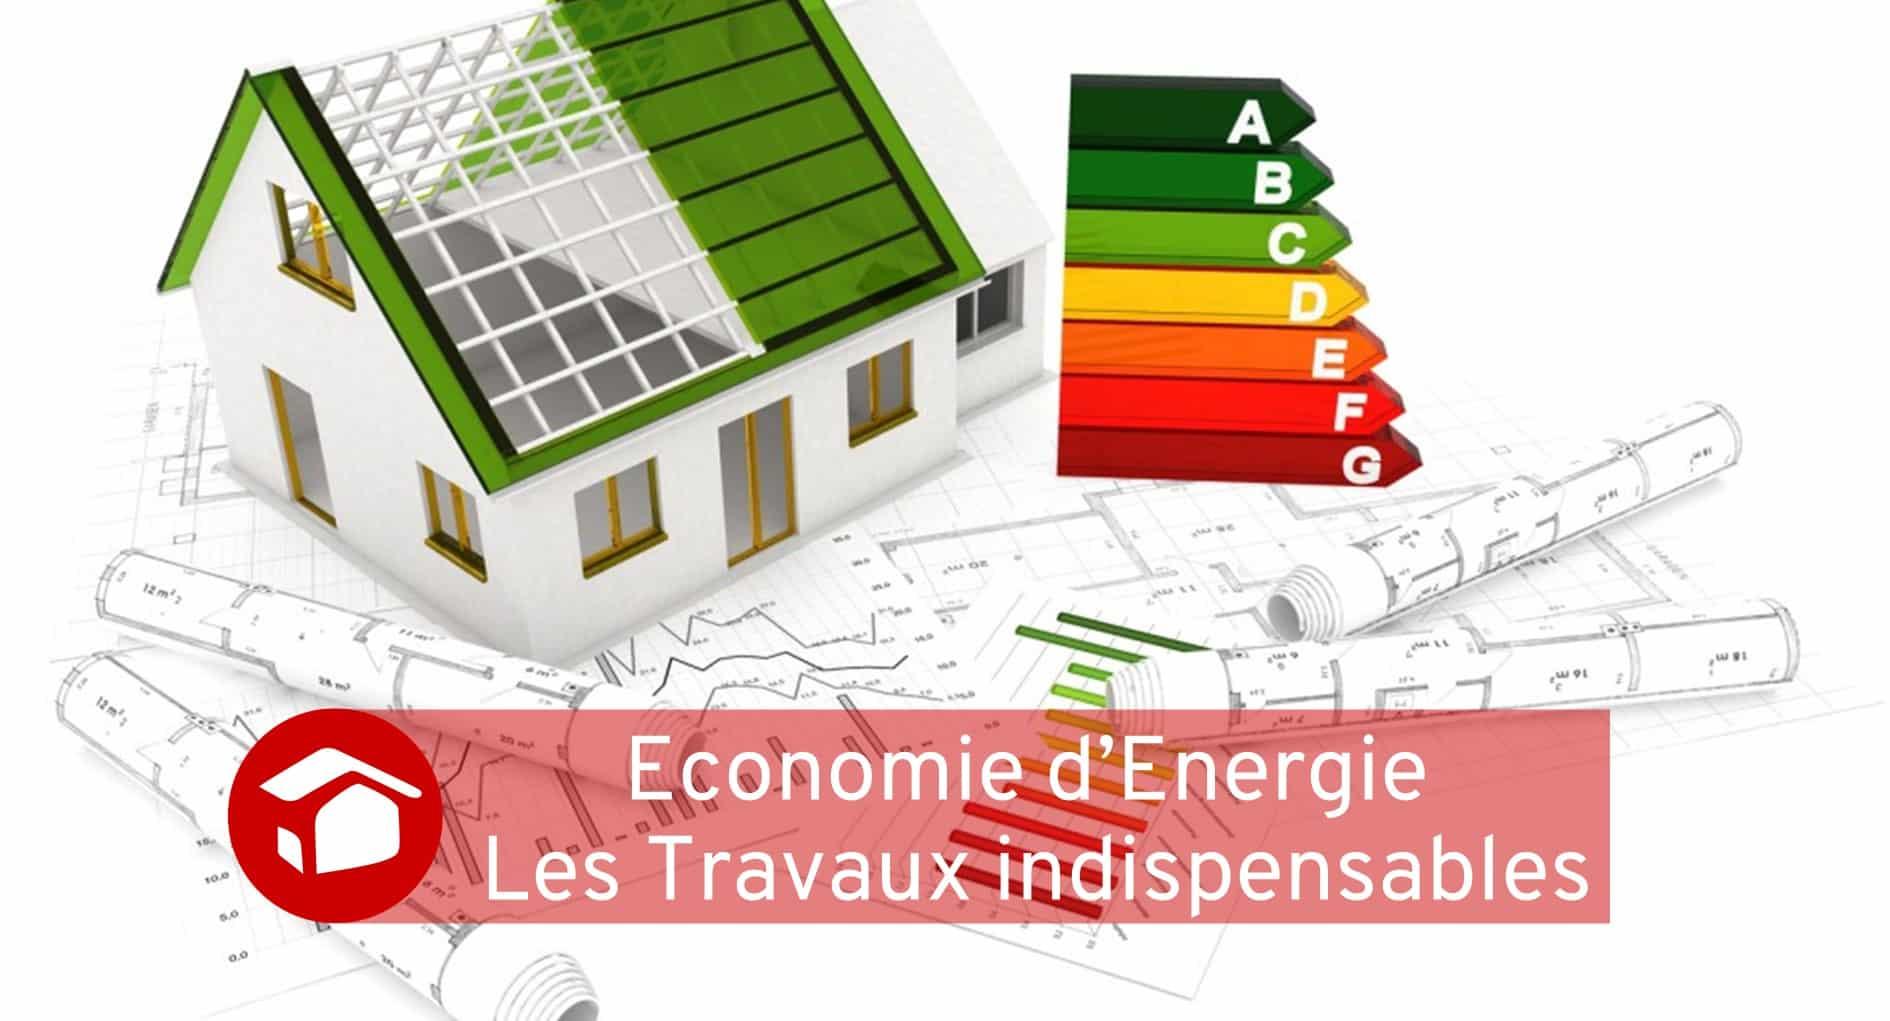 Economie d'énergie travaux